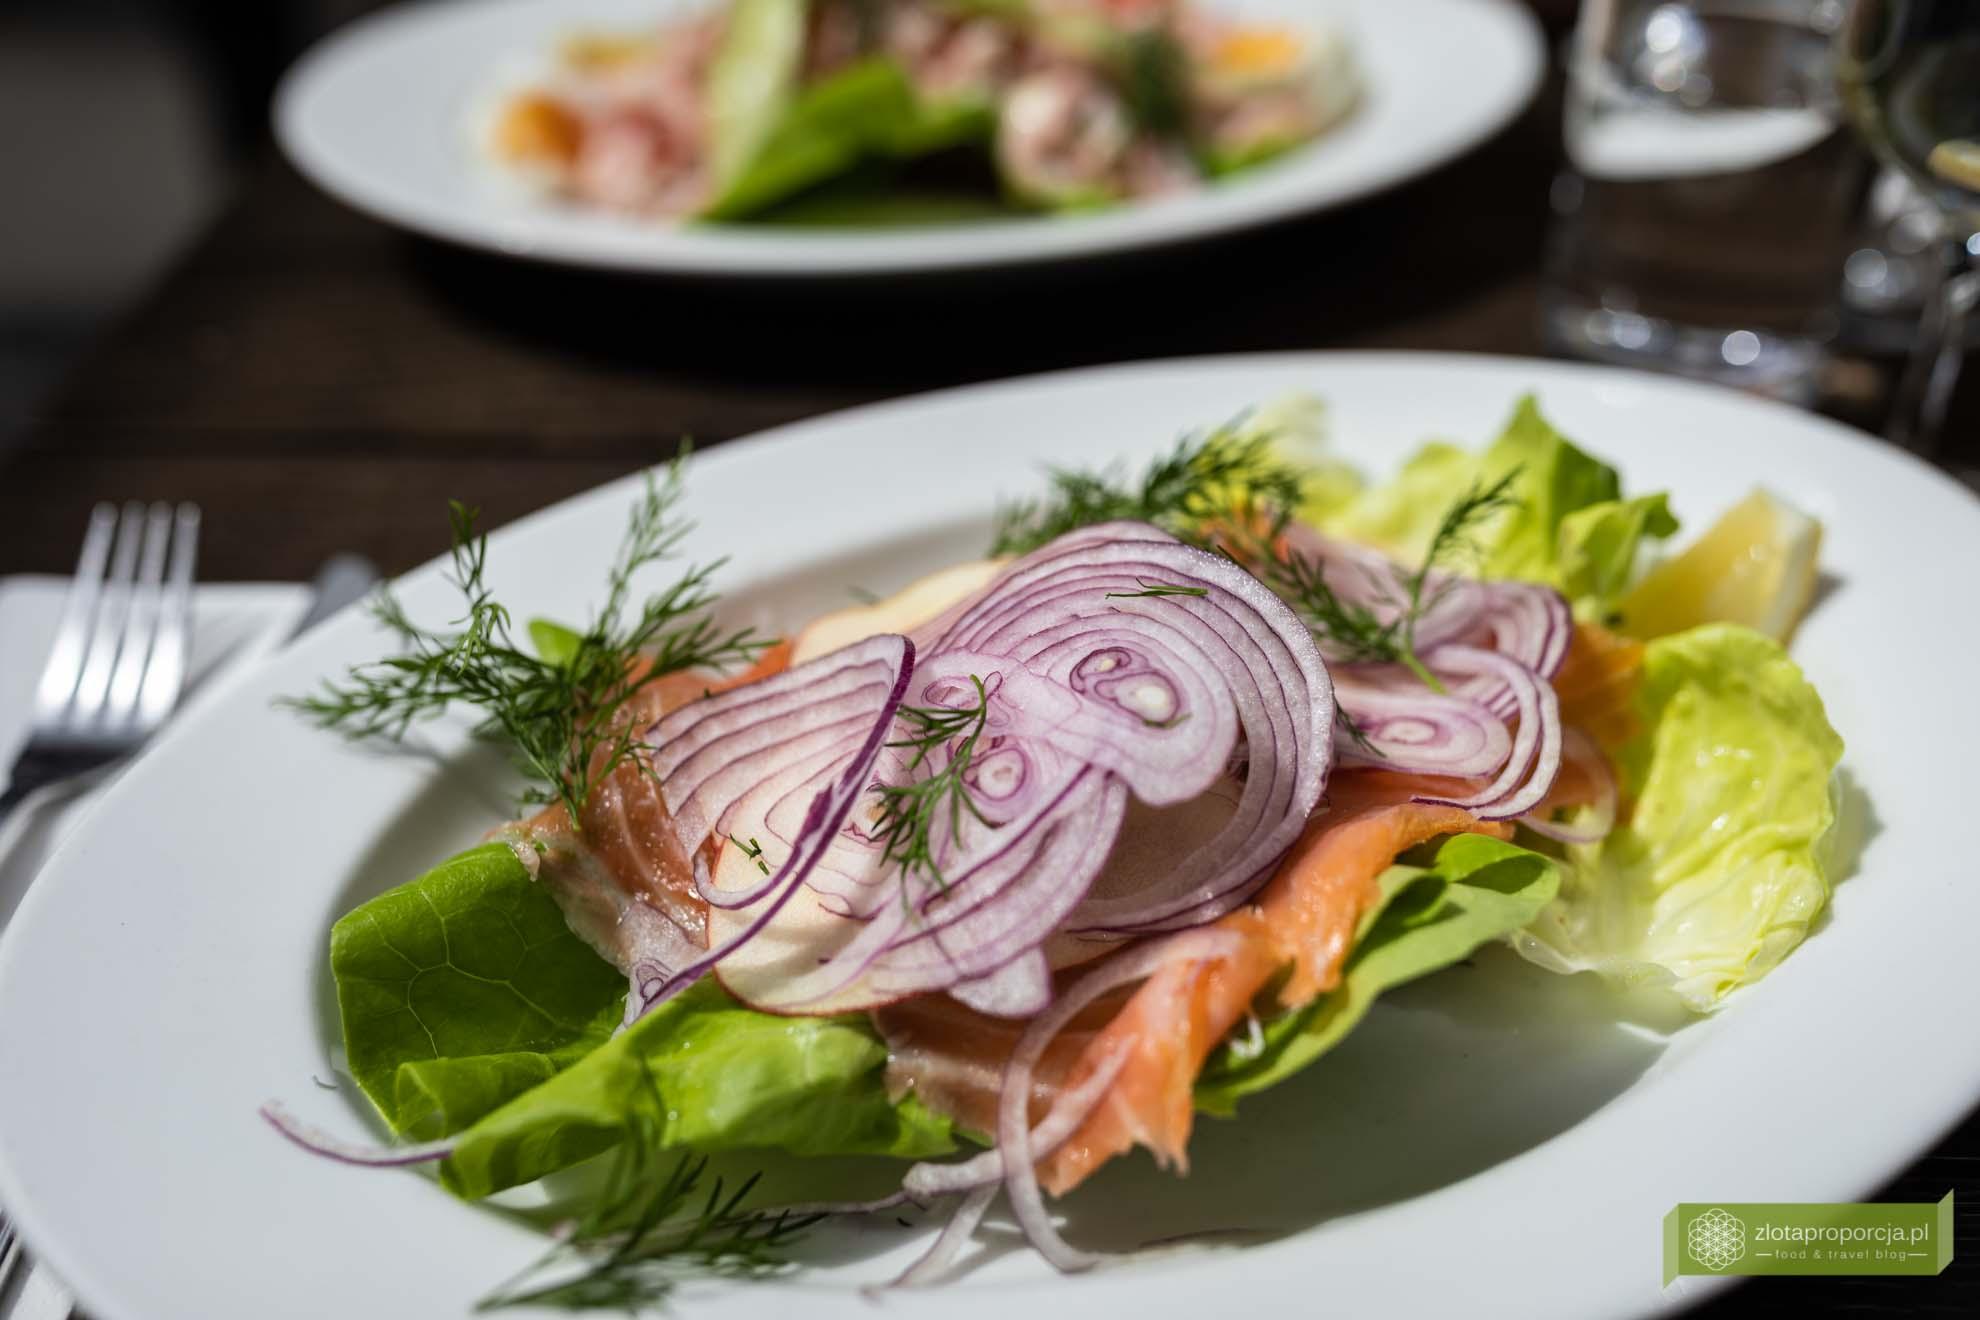 Skania, kuchnia Skanii; co zjeść w Skanii; kuchnia szwedzka; szwedzkie potrawy; Lunds saluhall; szwedzka kanapka z łososiem